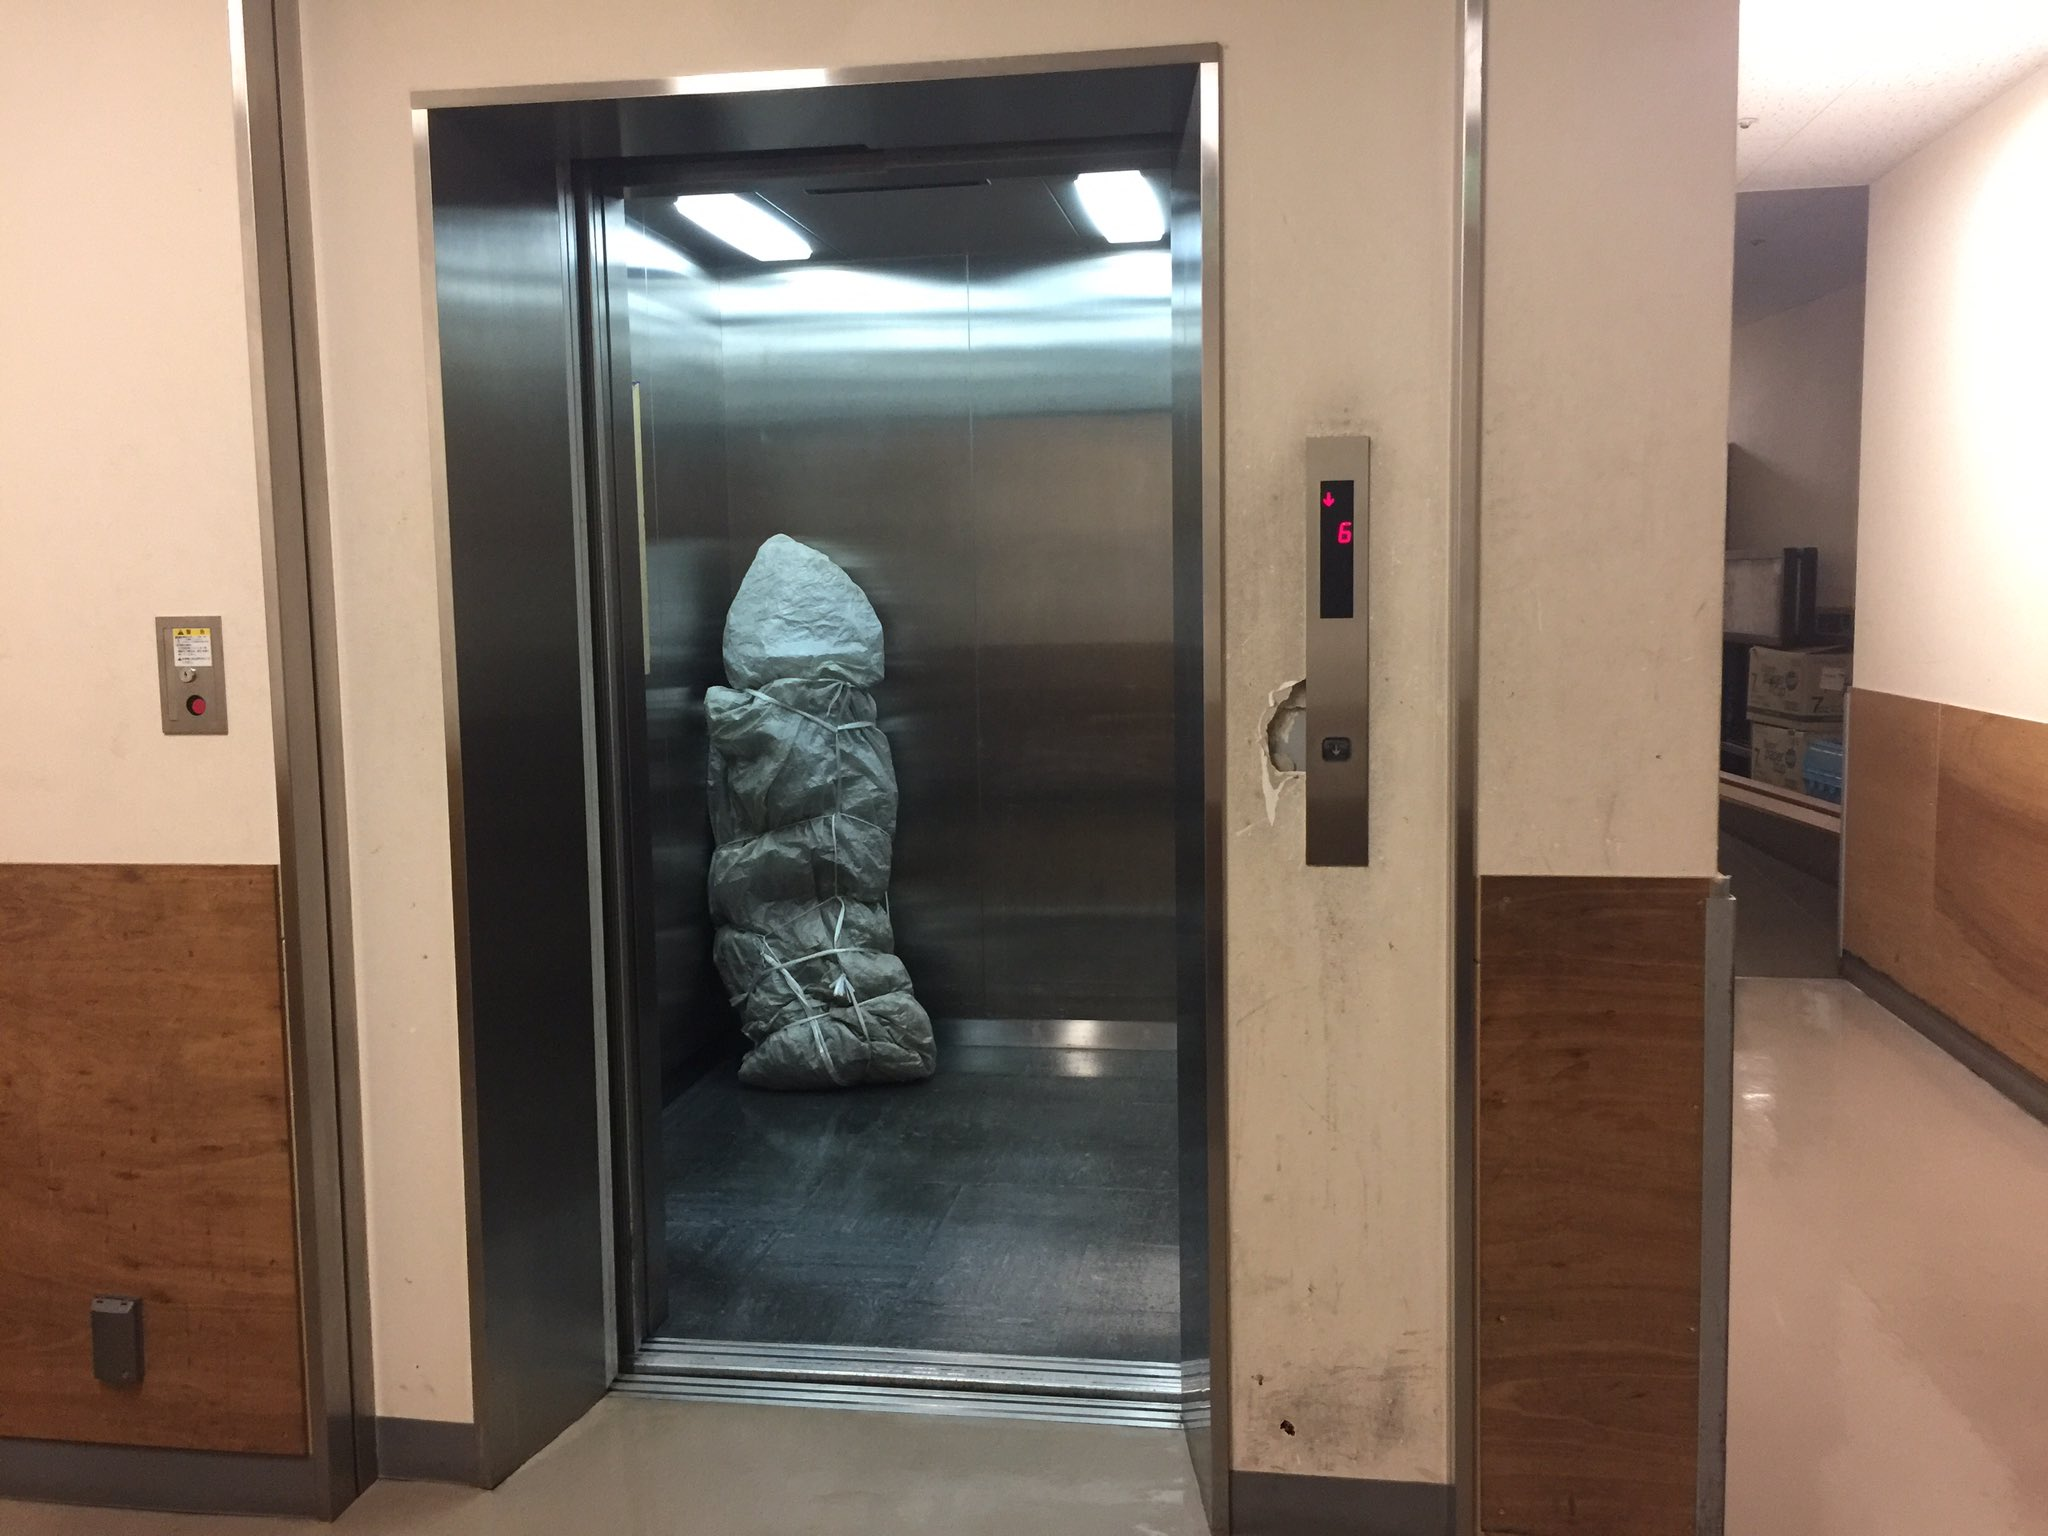 エレベーターで運搬中の梱包された着ぐるみが怖すぎる